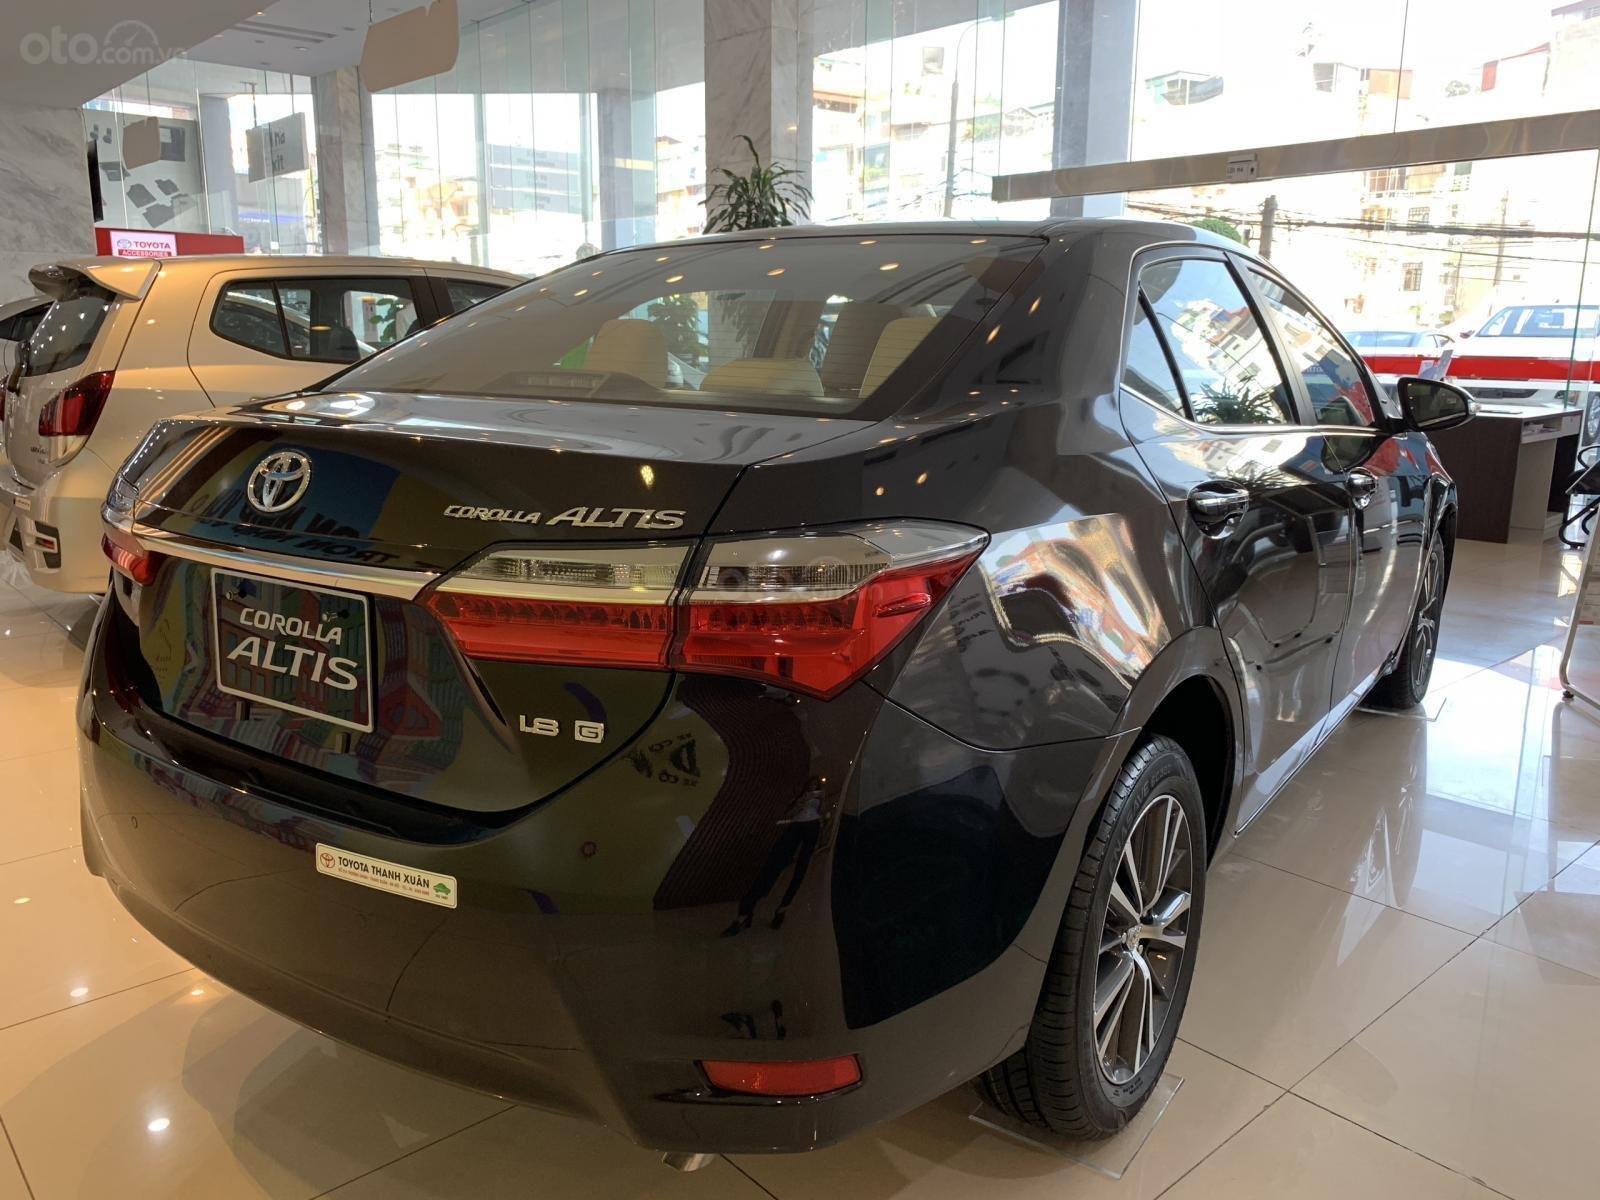 Toyota Corolla Altis 2019 vẫn được coi là lựa chọn khá tốt trong phân khúc C a1